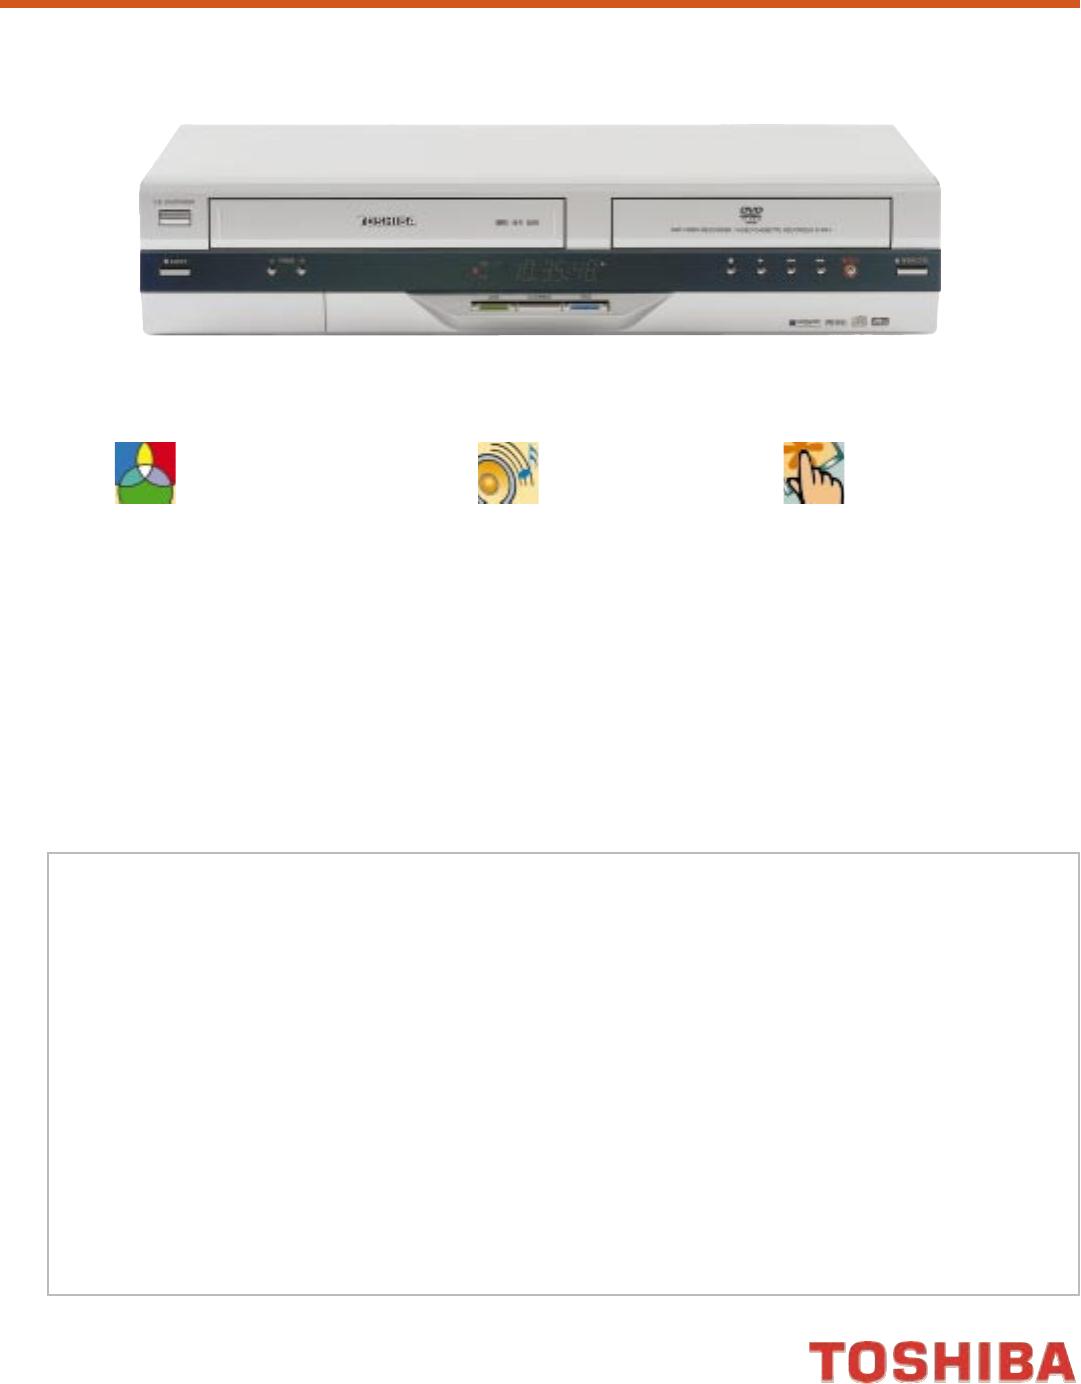 toshiba mp3 player d vr4 user guide manualsonline com rh portablemedia manualsonline com For Toshiba TV Manuals For Toshiba TV Manuals